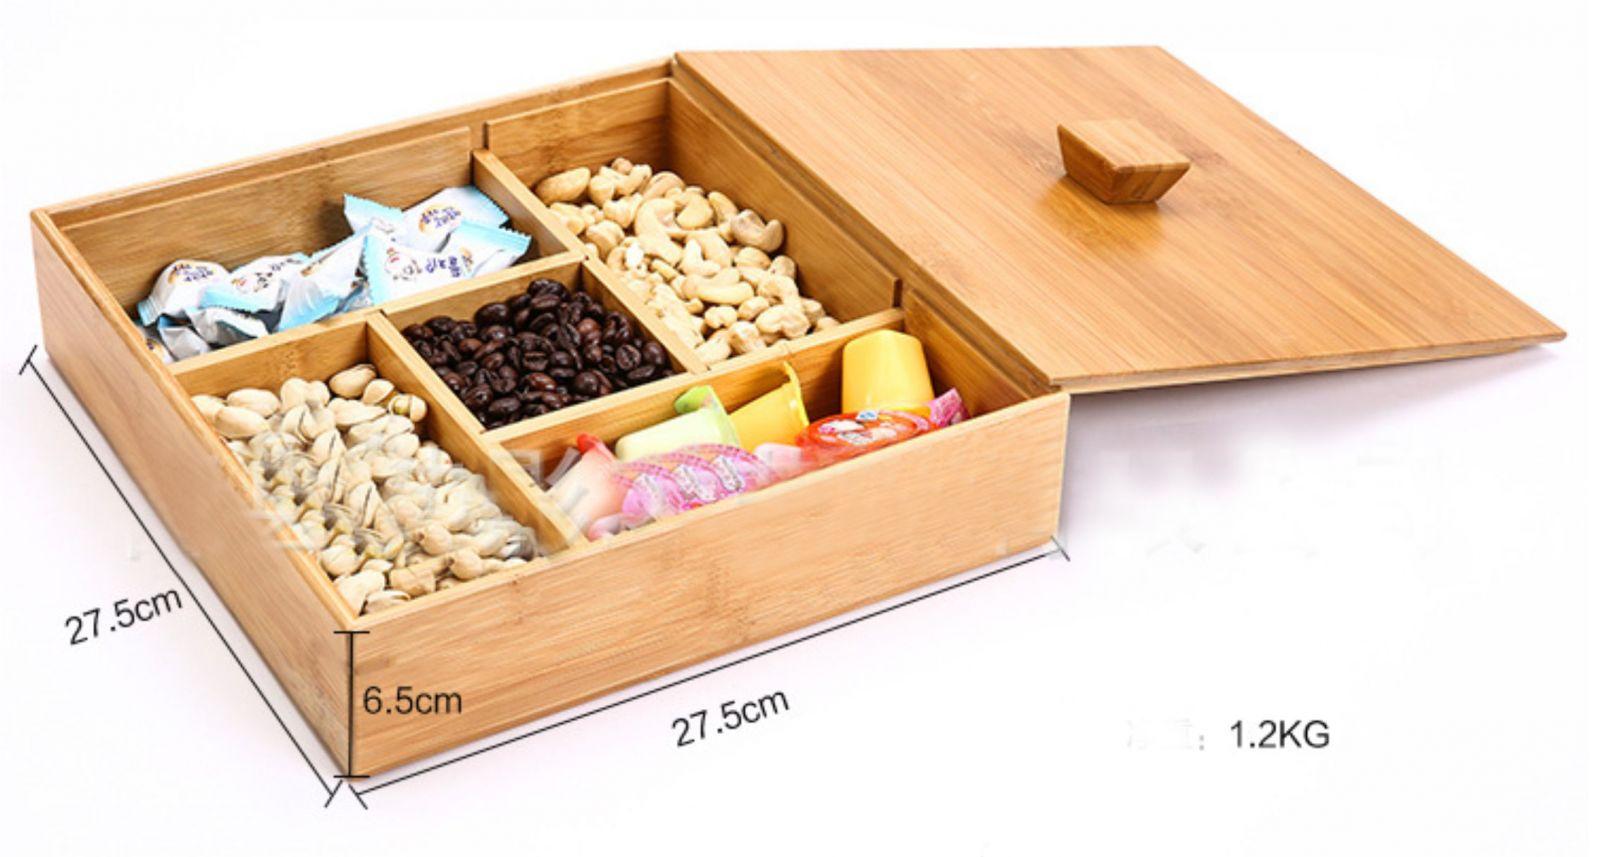 Hộp quà tặng bằng gỗ có tính thẩm mỹ cao.